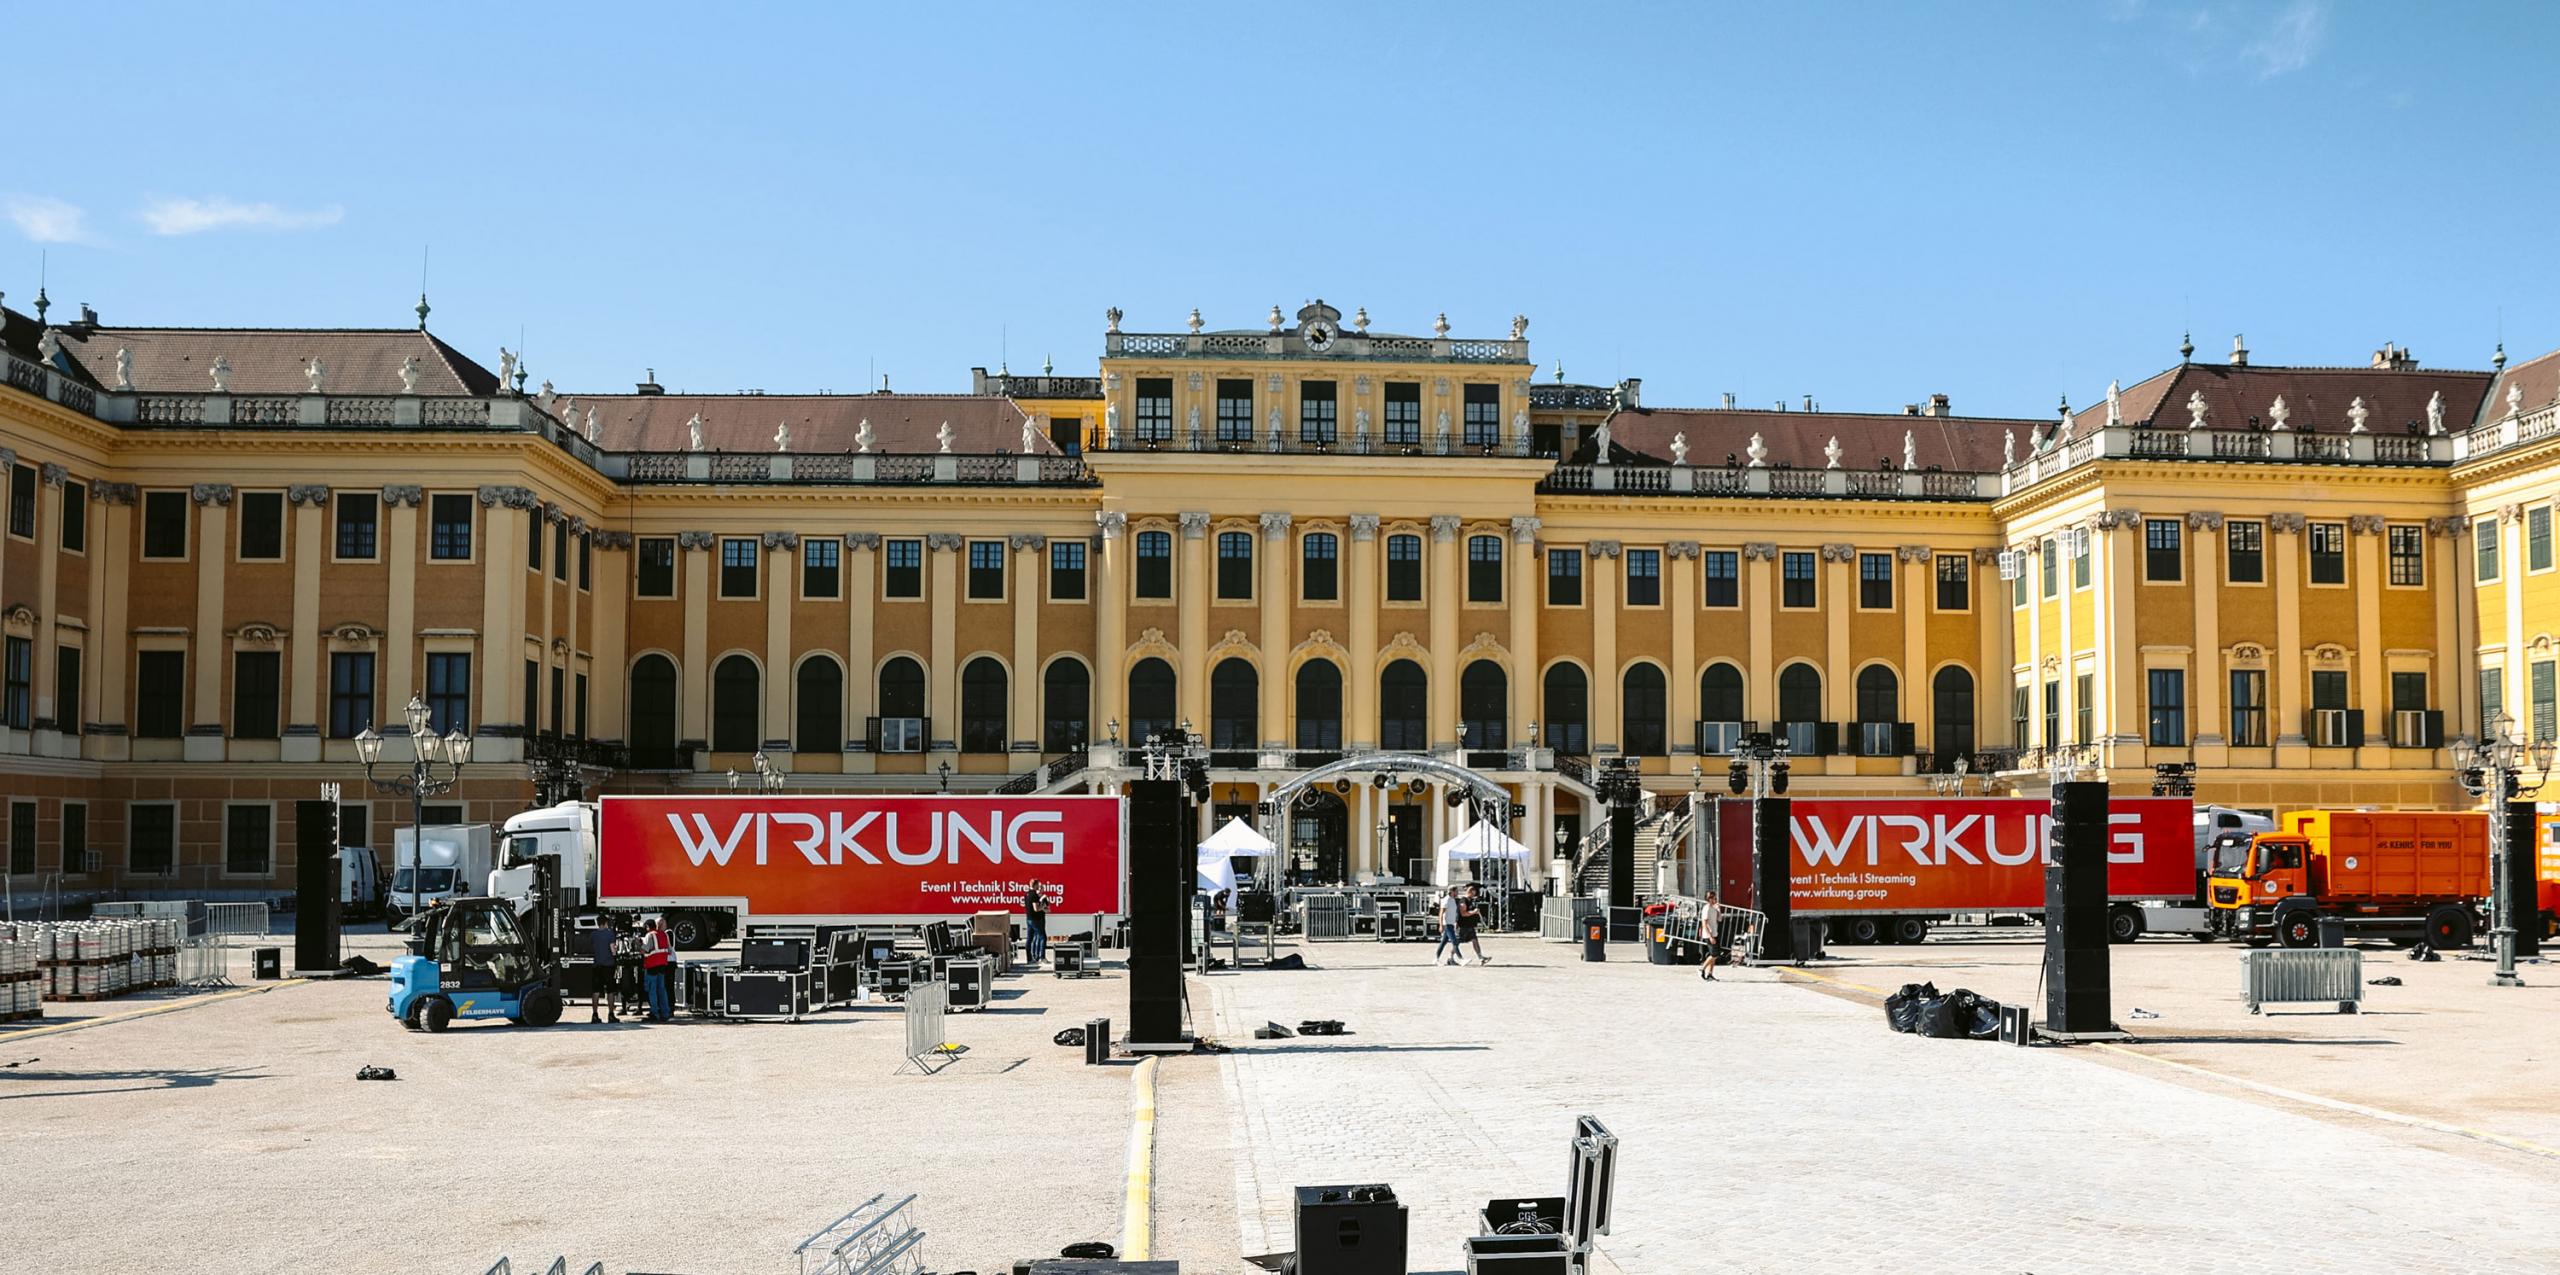 Einsatz am Schloss Schönbrunn in Wien (Foto: Wirkung live GmbH)